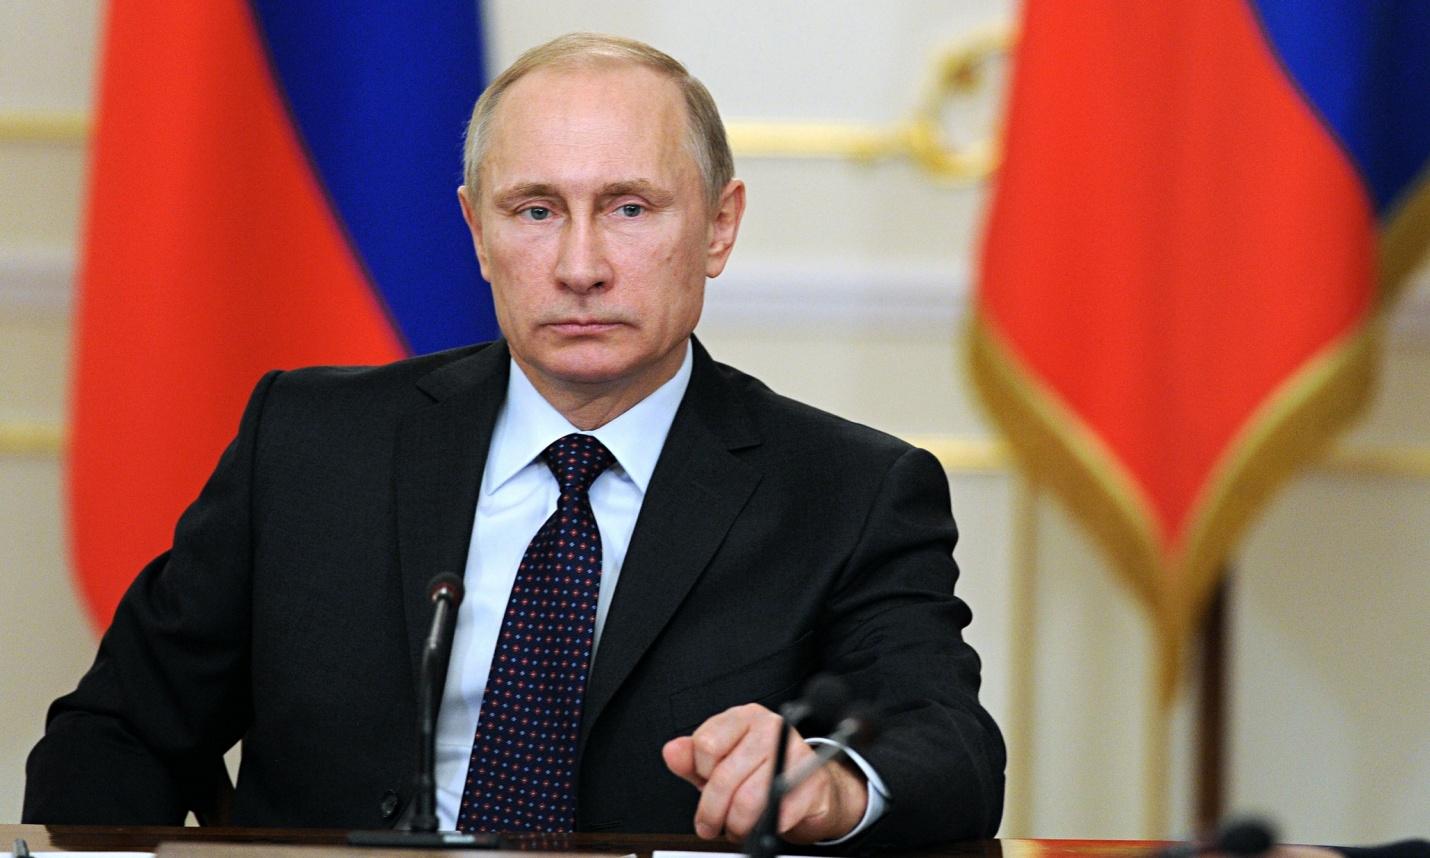 Владимир Путин: Казахстан добился впечатляющих успехов